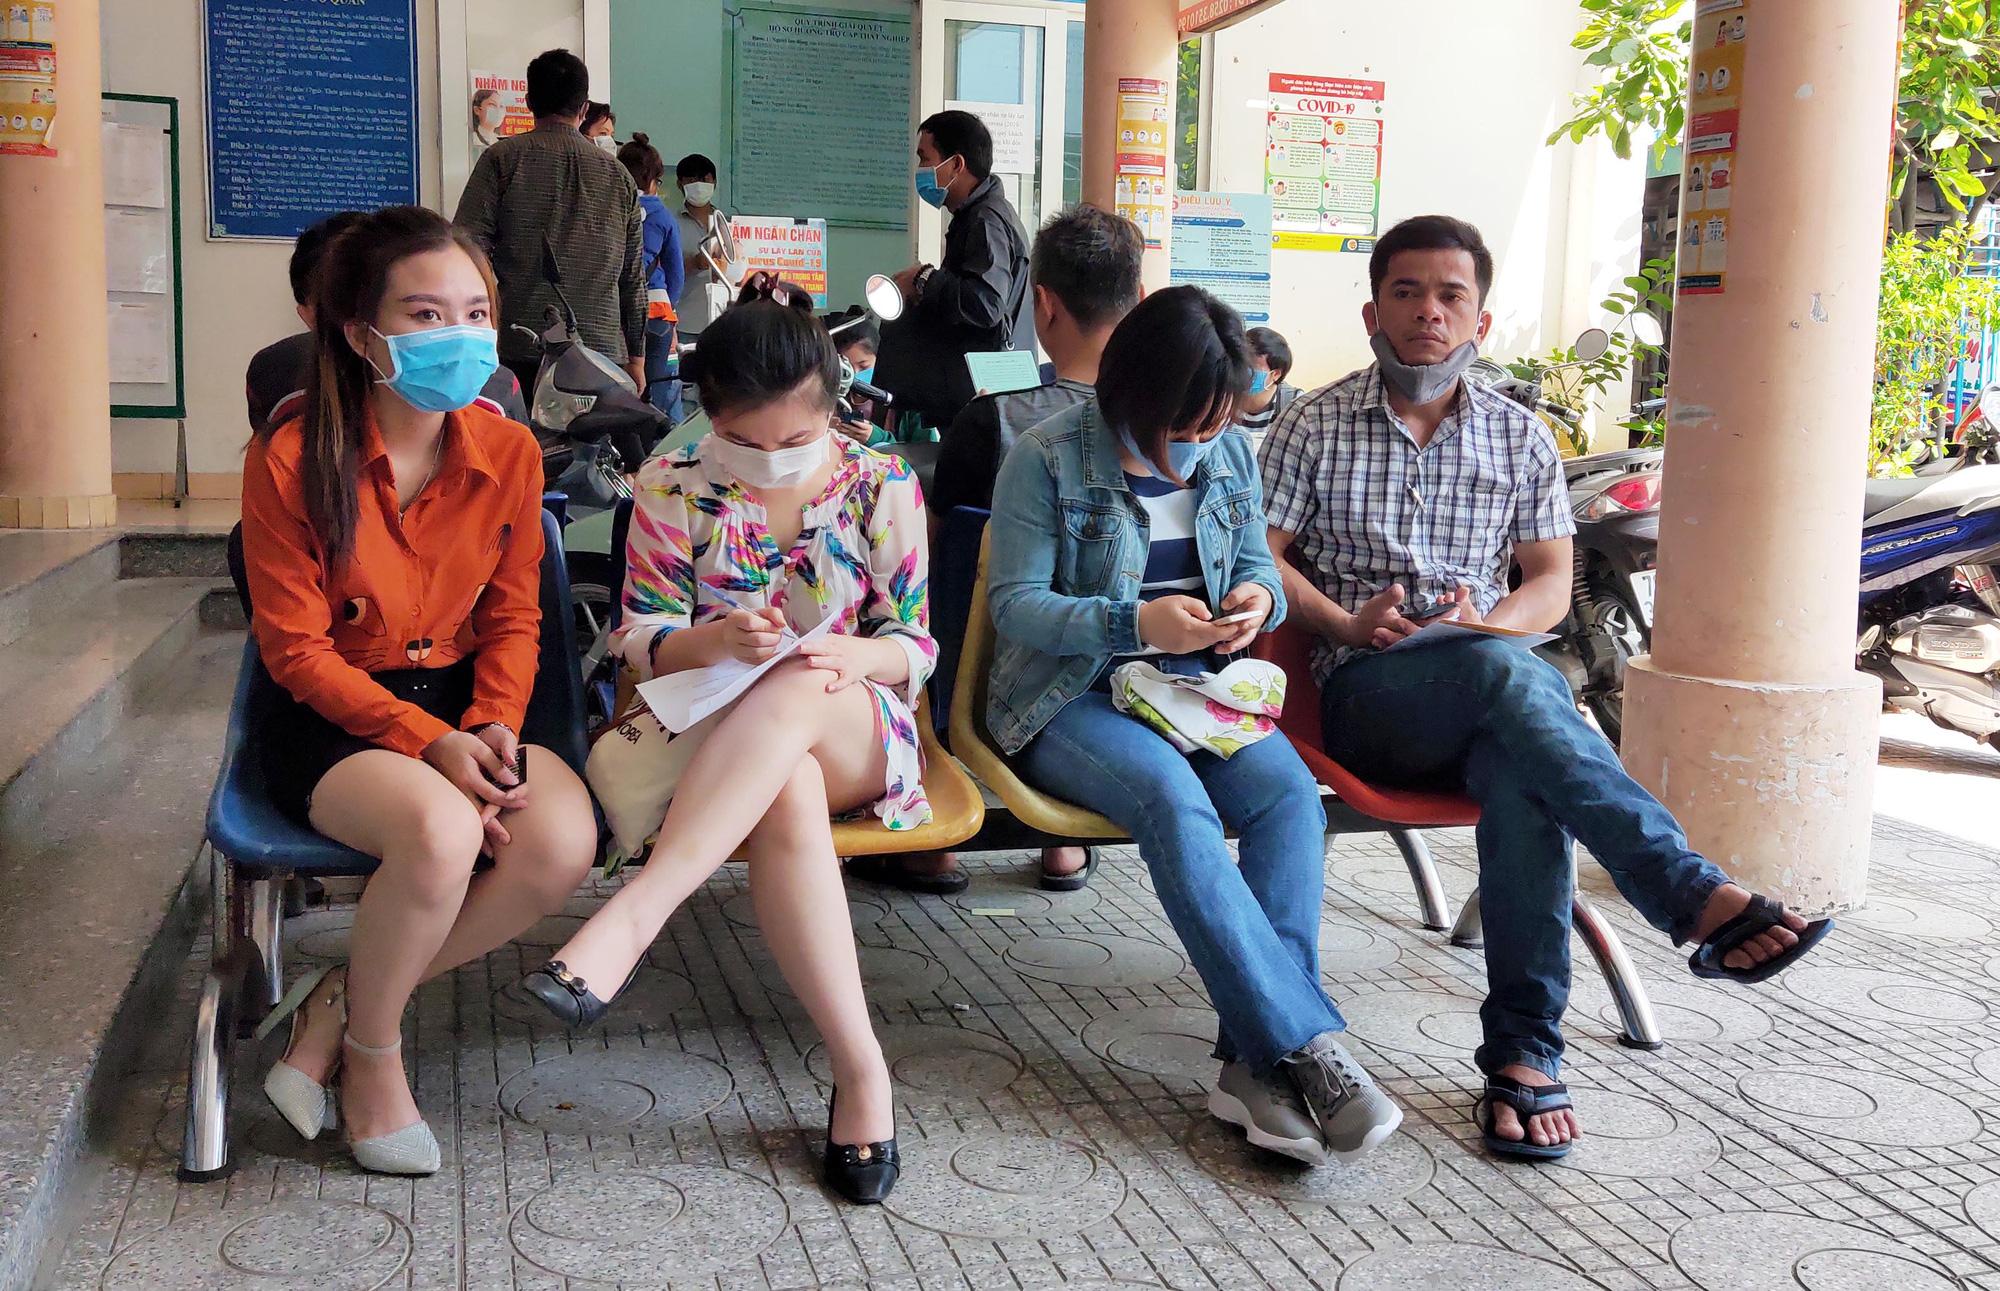 Khánh Hòa: Hàng nghìn lao động mất việc, nhân viên Trung tâm Dịch vụ việc làm mướt mồ hôi giải quyết hồ sơ - Ảnh 2.